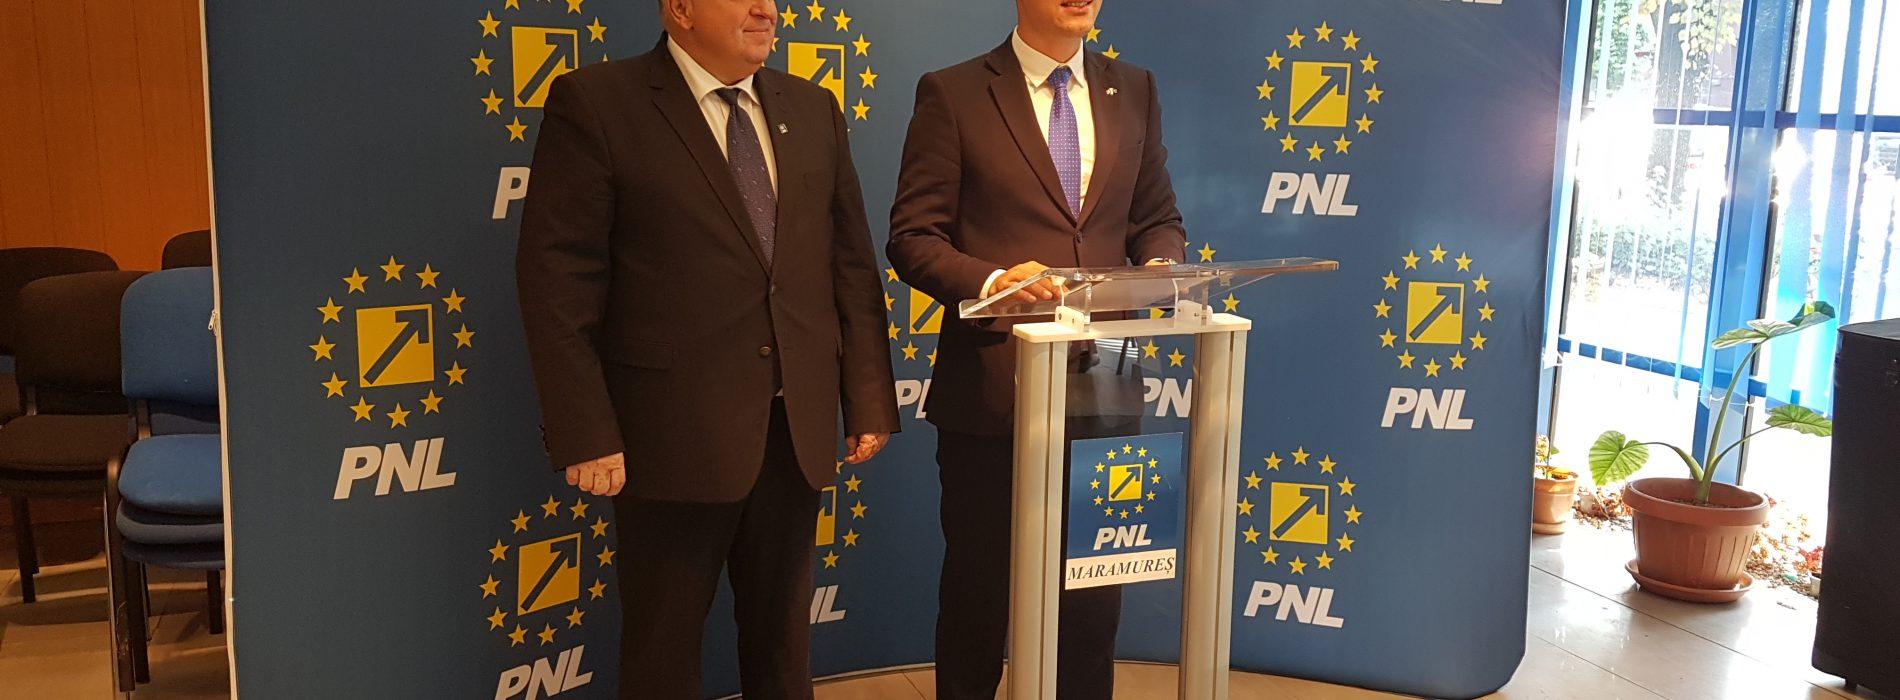 """Ionel Bogdan, președinte PNL Maramureș: """"Trebuie să facem în continuare totul pentru a scăpa de această guvernare ineficientă"""""""